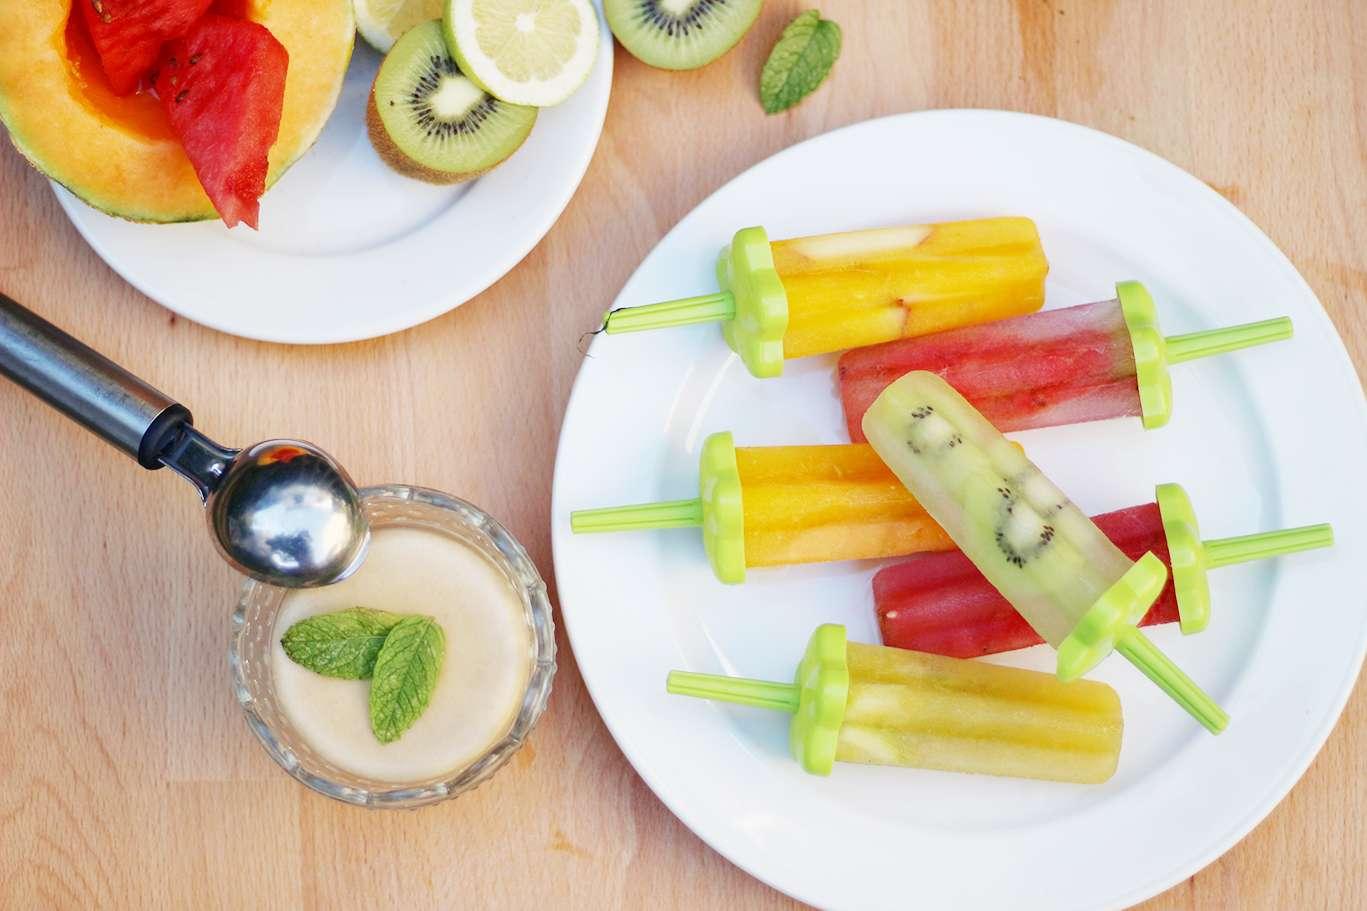 glaces véganes, glaces vegans, glaces maison, glaces bio, glaces lait végétal, glaces lait coco, vegans, bio